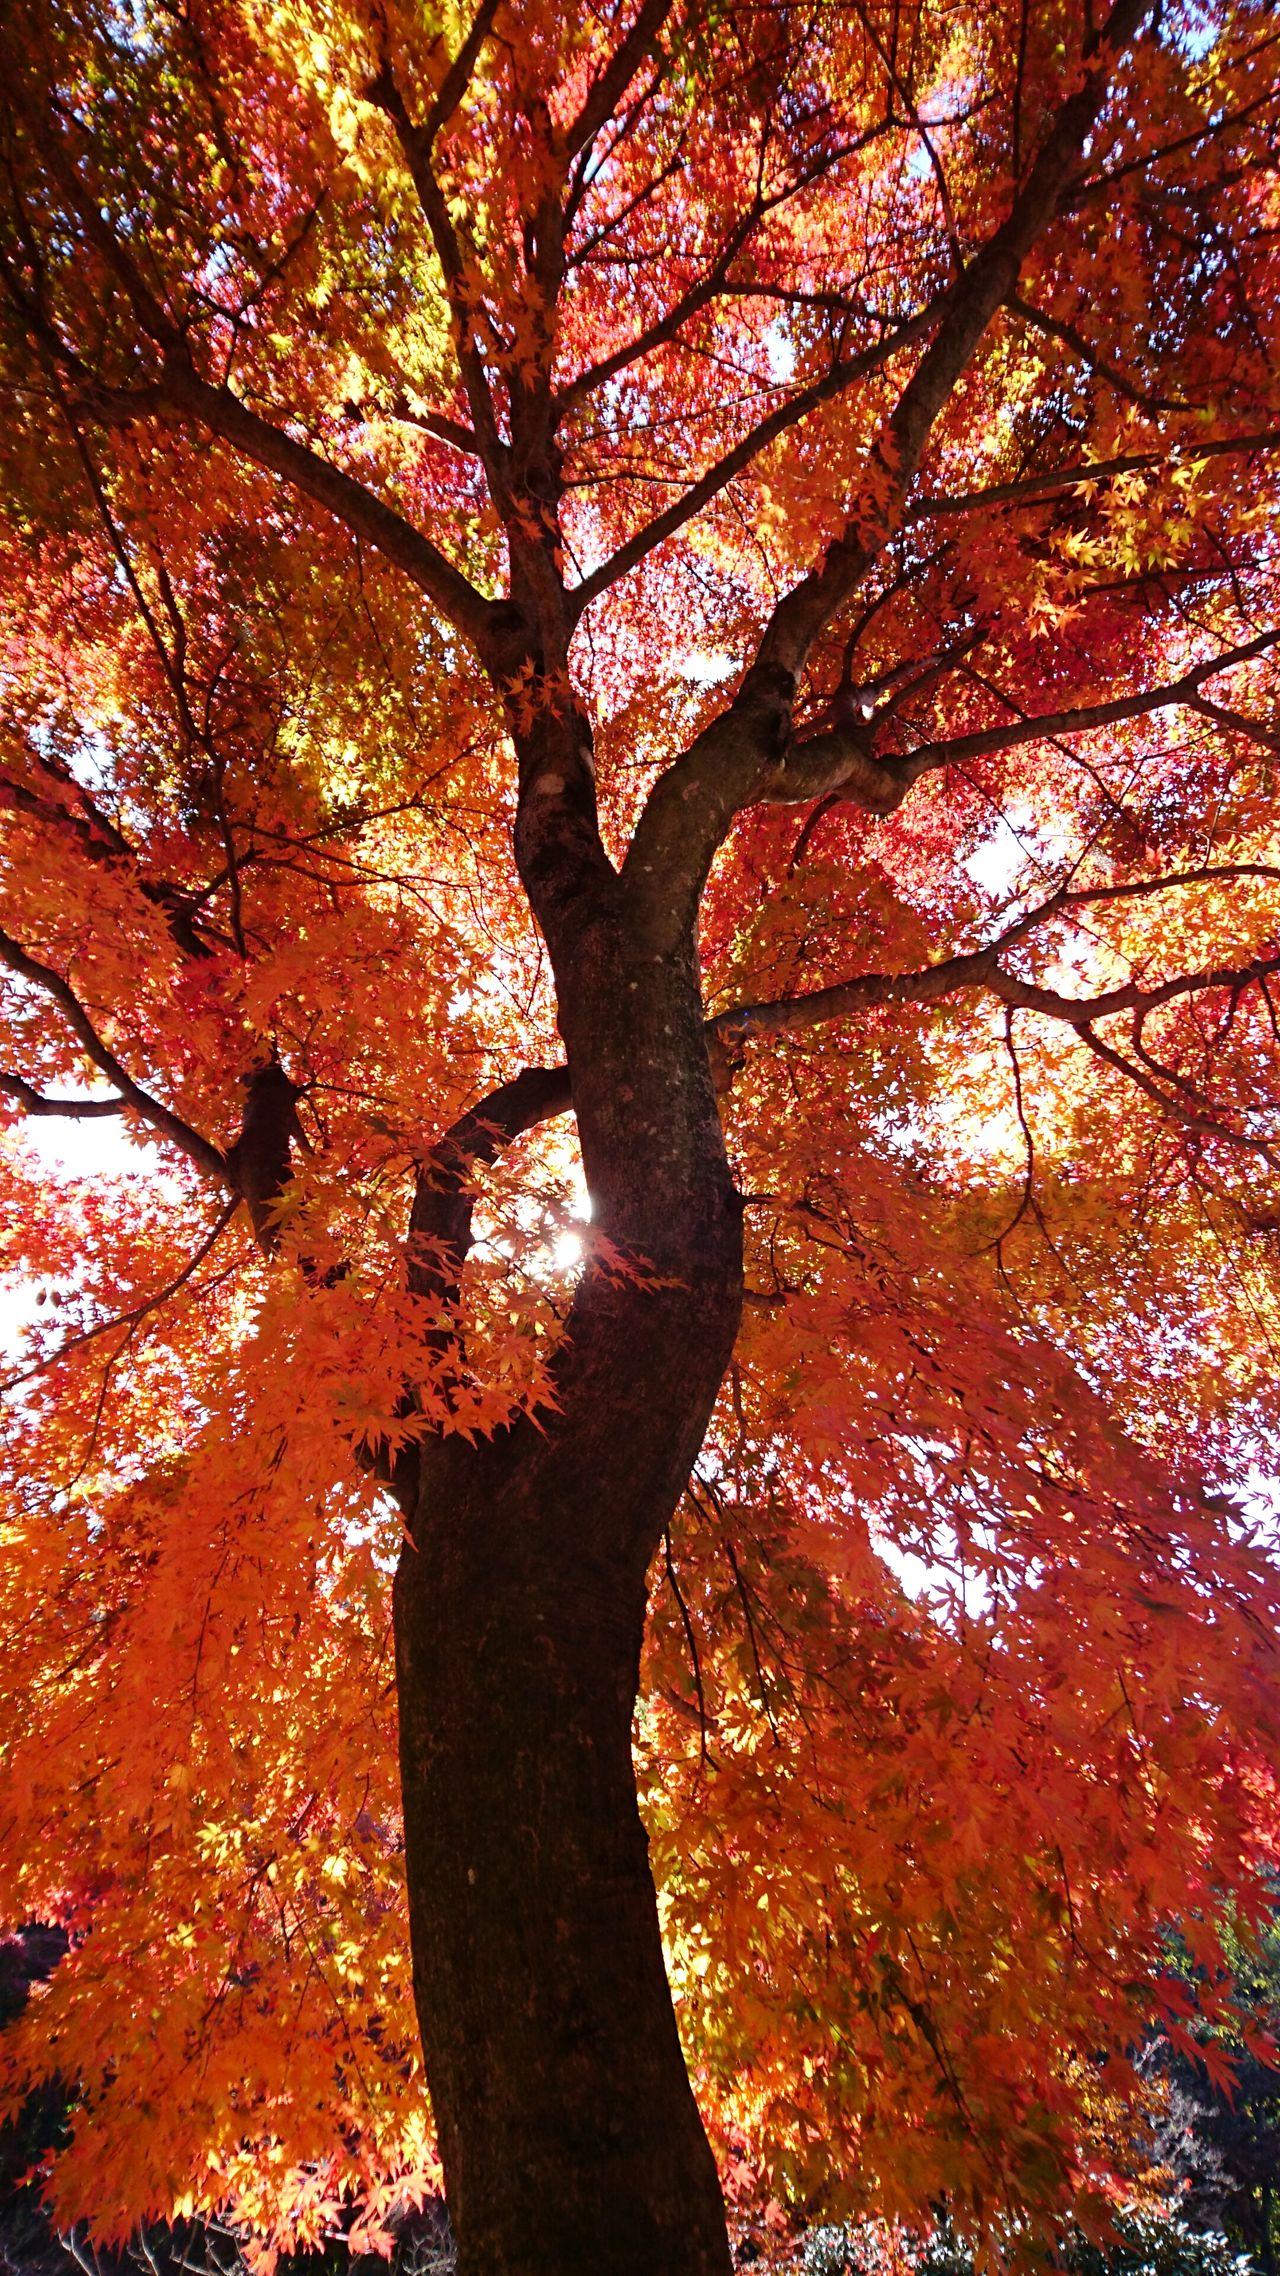 紅葉狩り11/13 もみじ もみじ狩り 紅葉 紅葉狩り Landscape Autumn Autumn Leaves